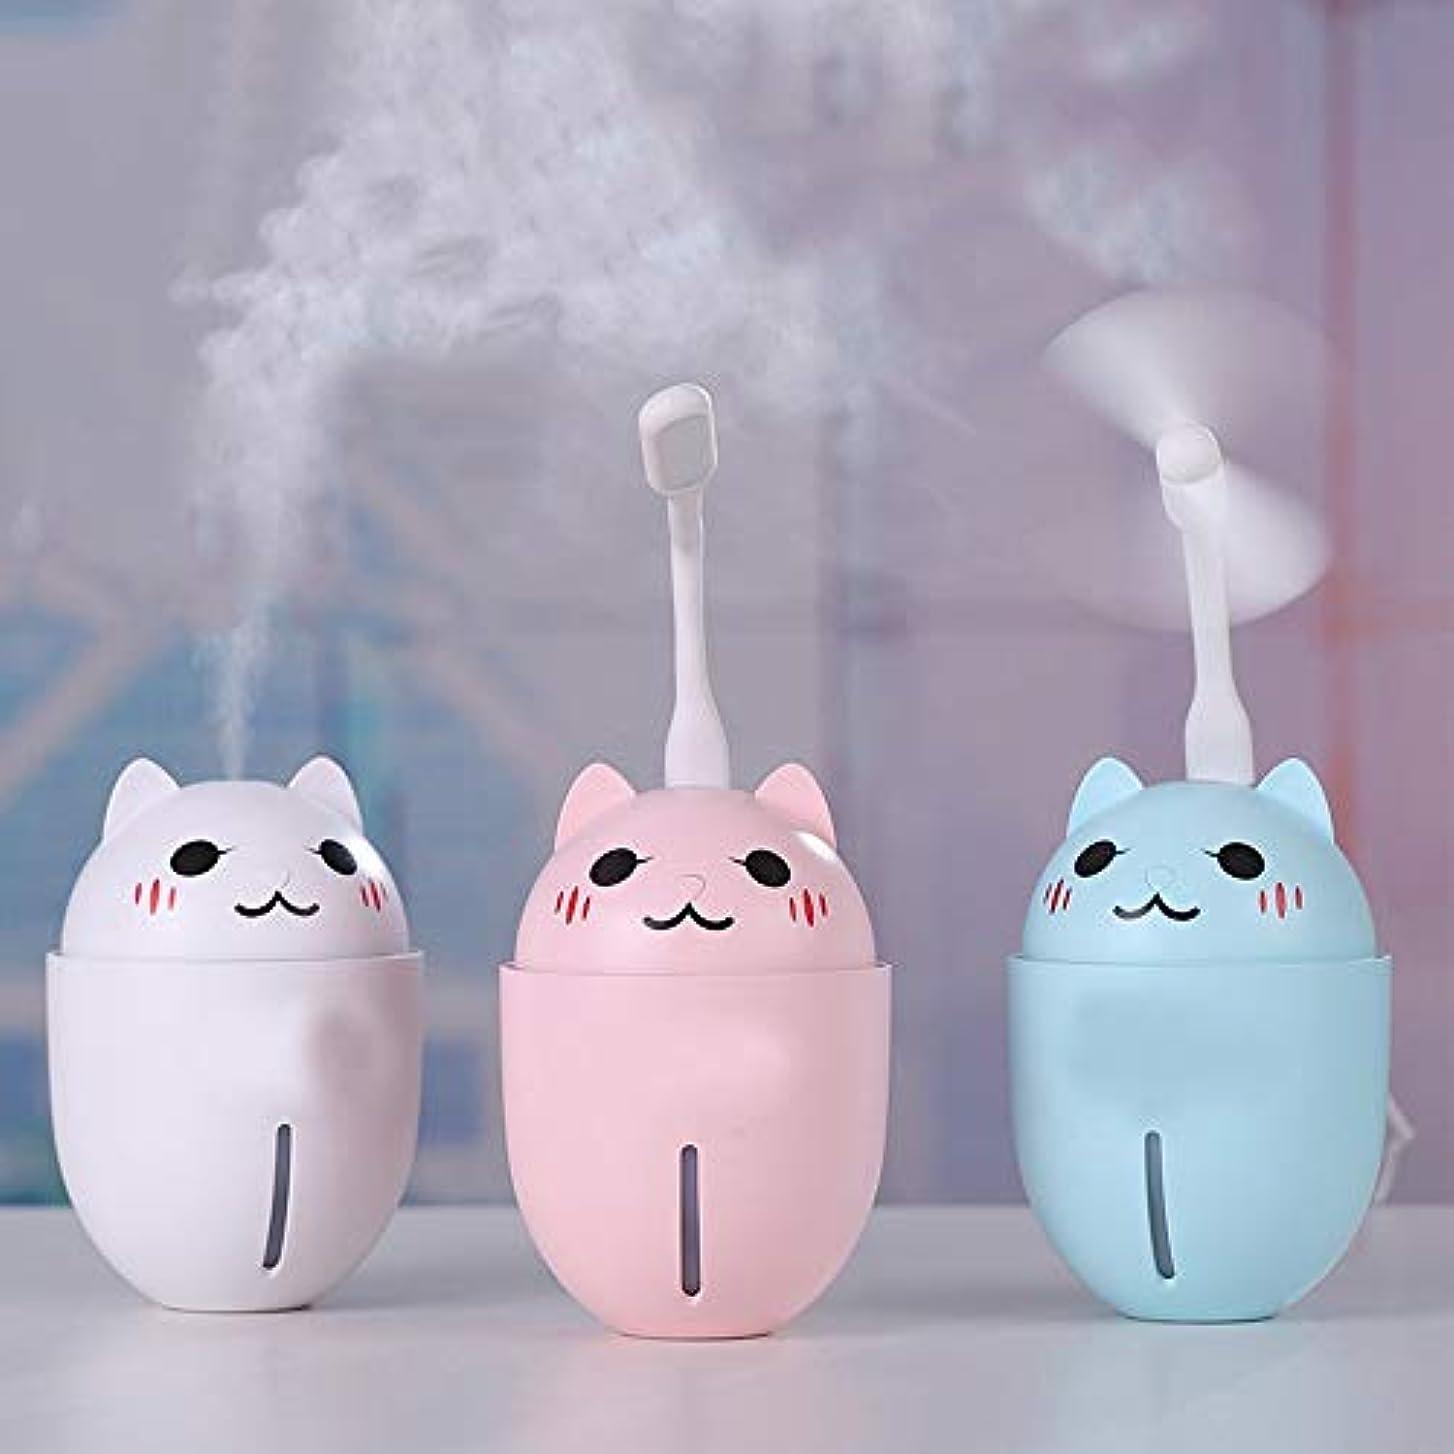 アンペア反対に息を切らしてZXF 新しいクリエイティブかわいいペット猫加湿器家庭用電化製品3つ1つでミニusb水道メーターファンナイトライトブルーピンクホワイト 滑らかである (色 : Pink)